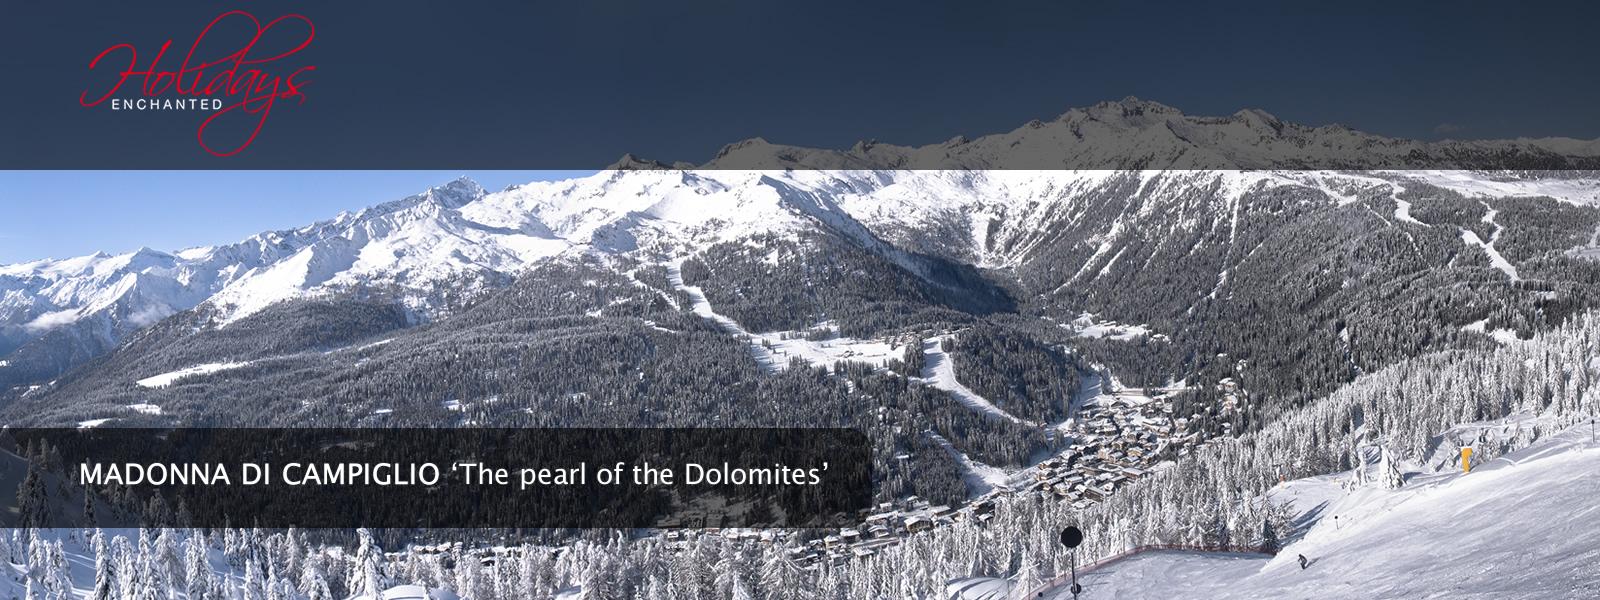 Winter in the Dolomites at Madonna di Campiglio